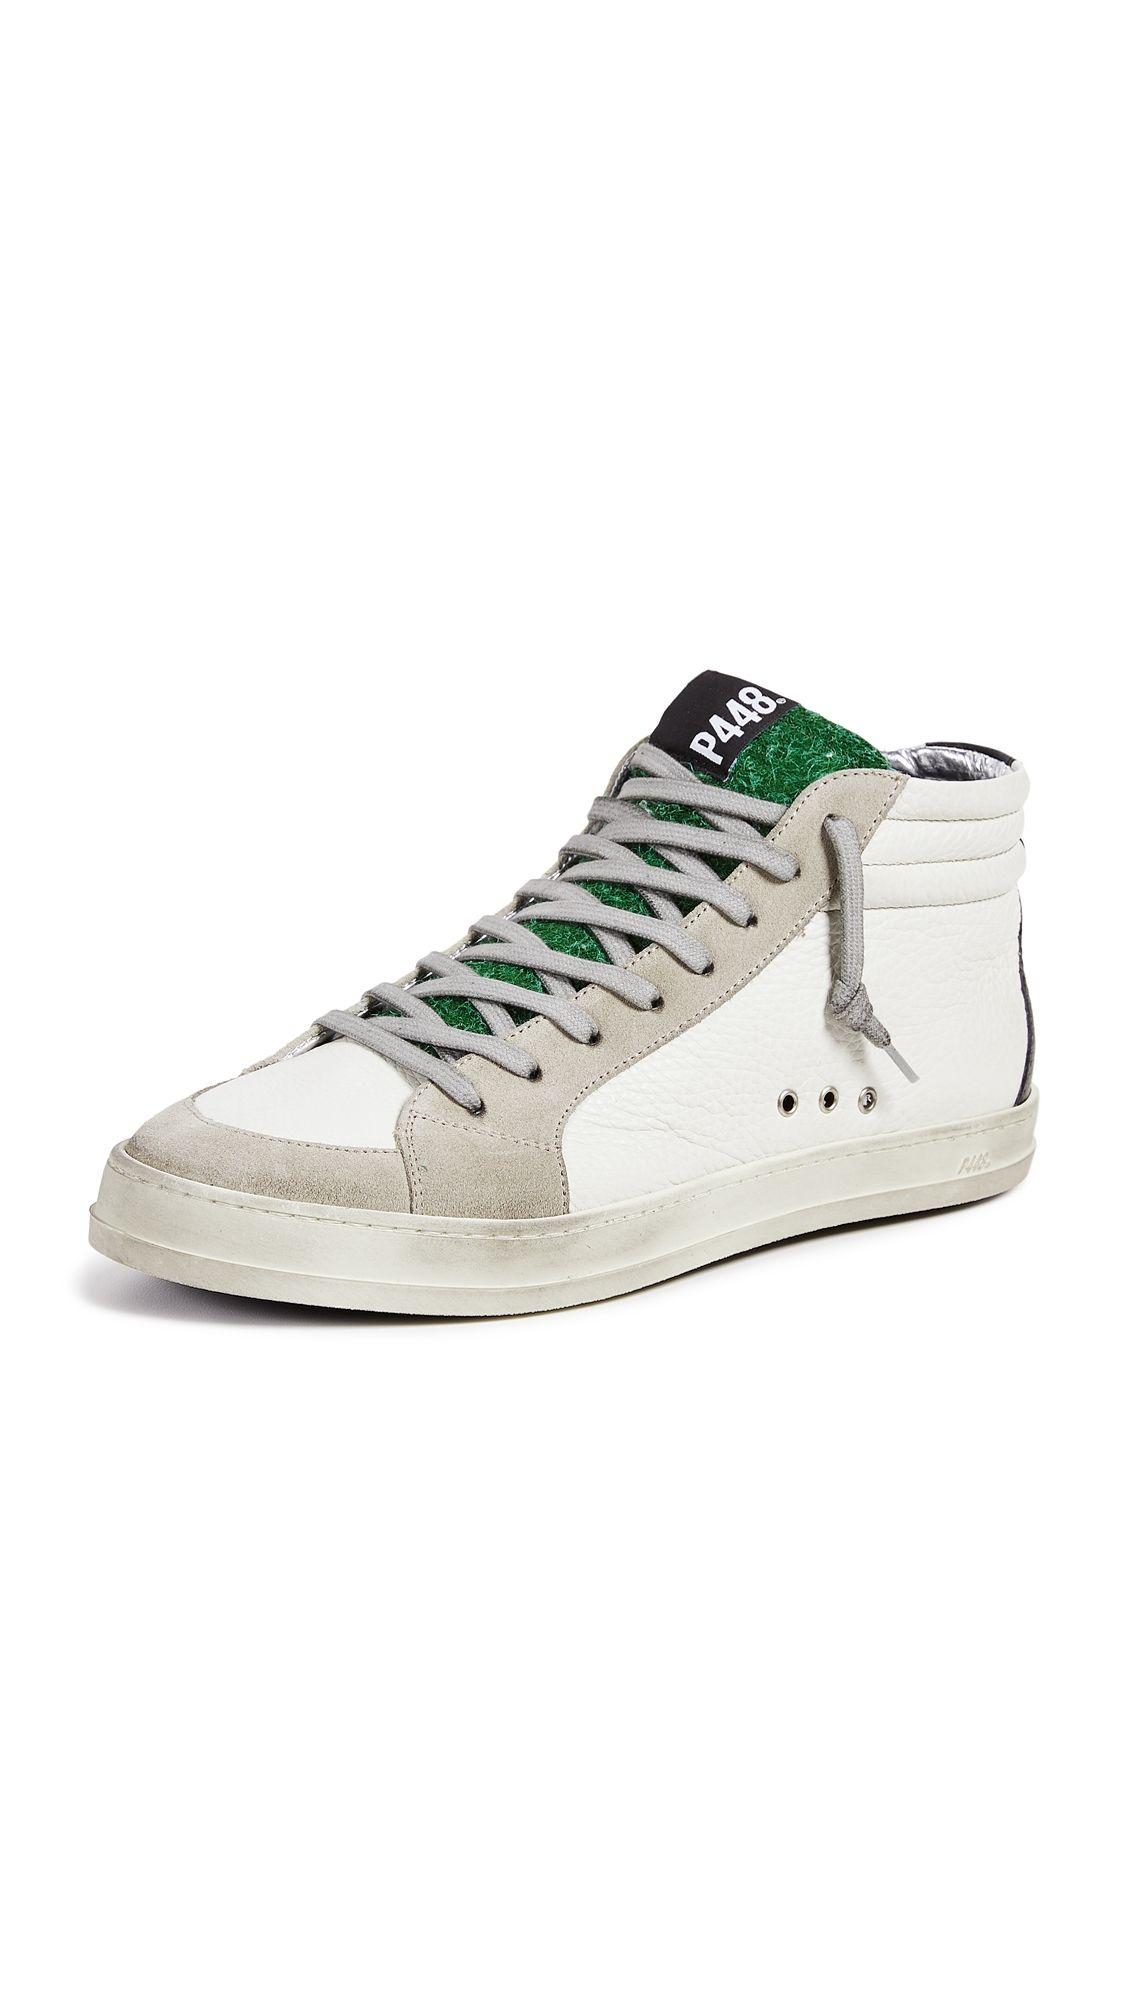 73485de8830 P448 A8 SKATE SNEAKERS.  p448  shoes